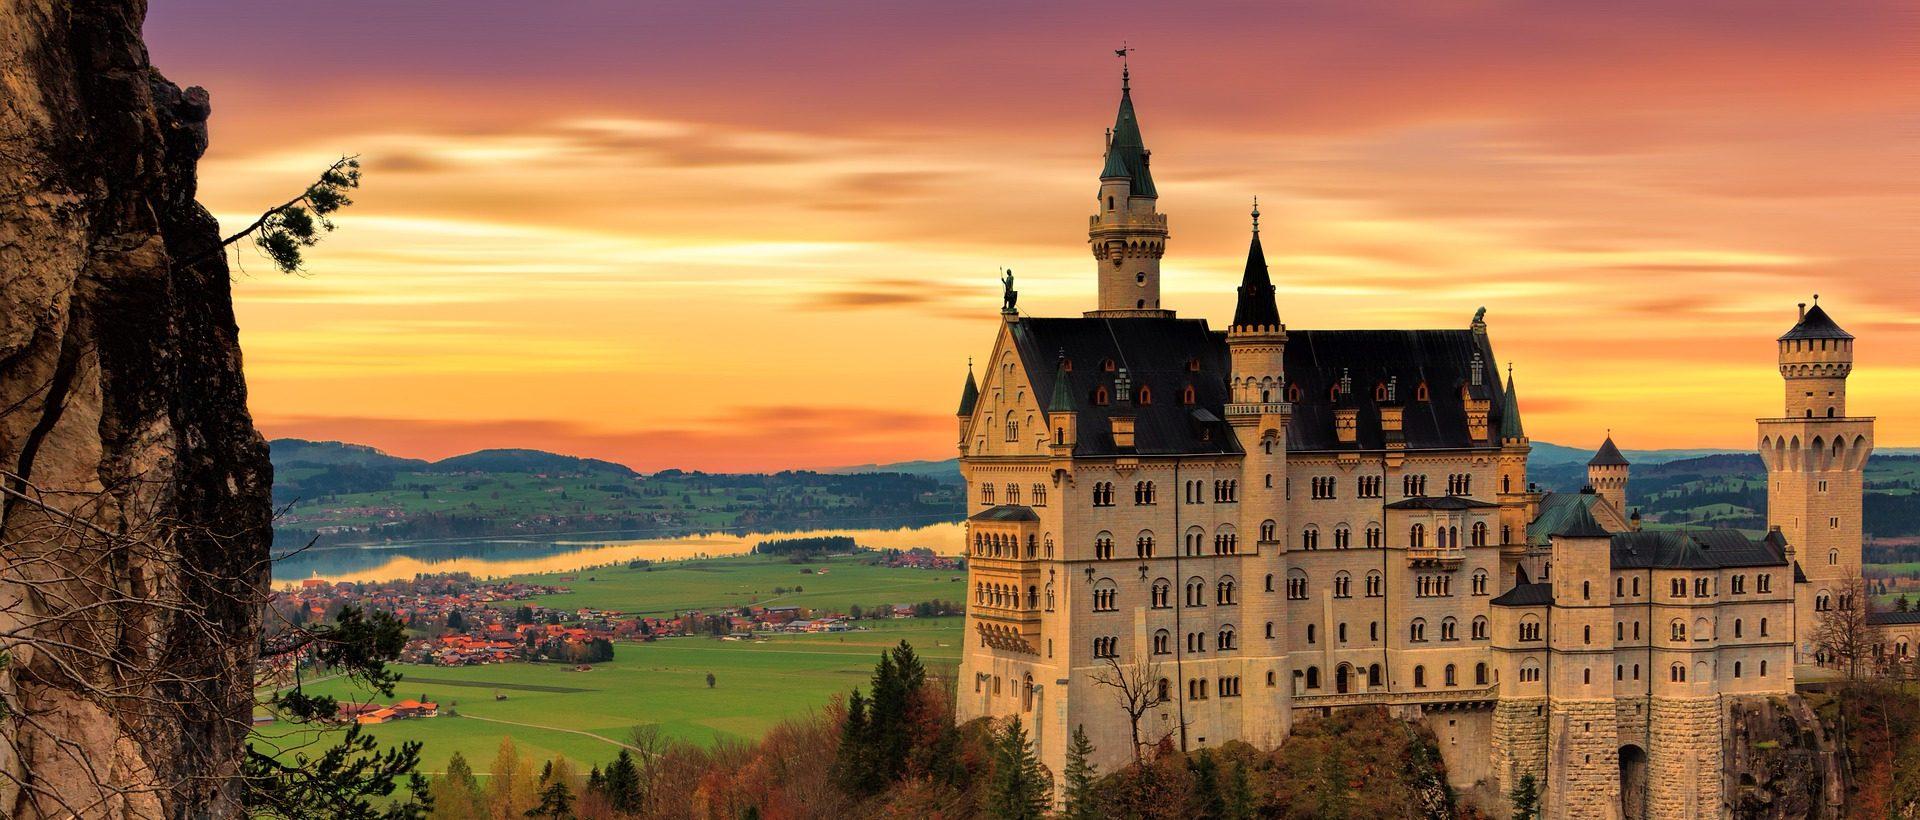 Kuhu reisida autoga Euroopas – Viis suurepärast sihtkohta